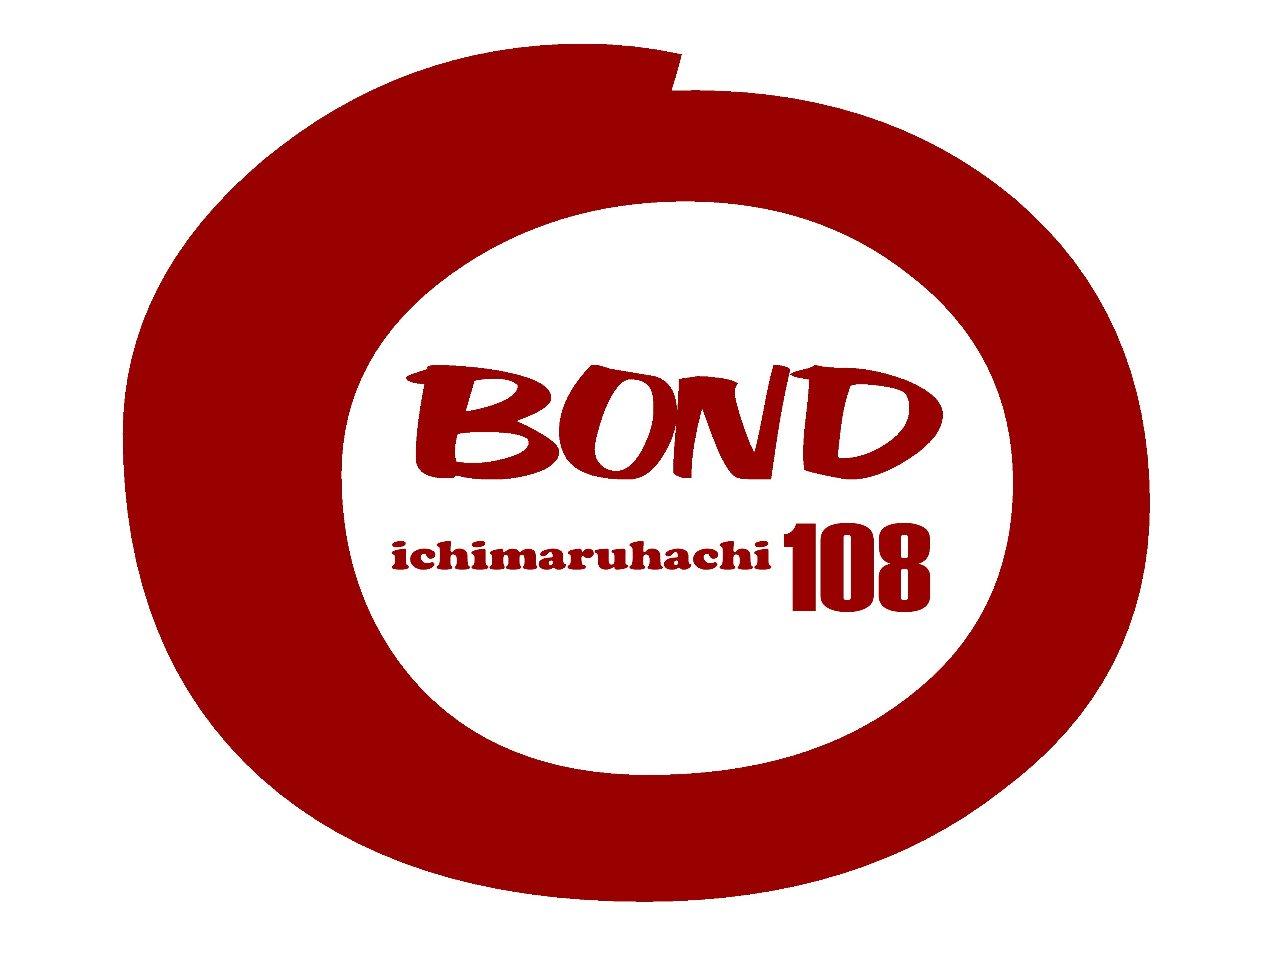 熟成肉居酒屋 BOND 108のイメージ写真